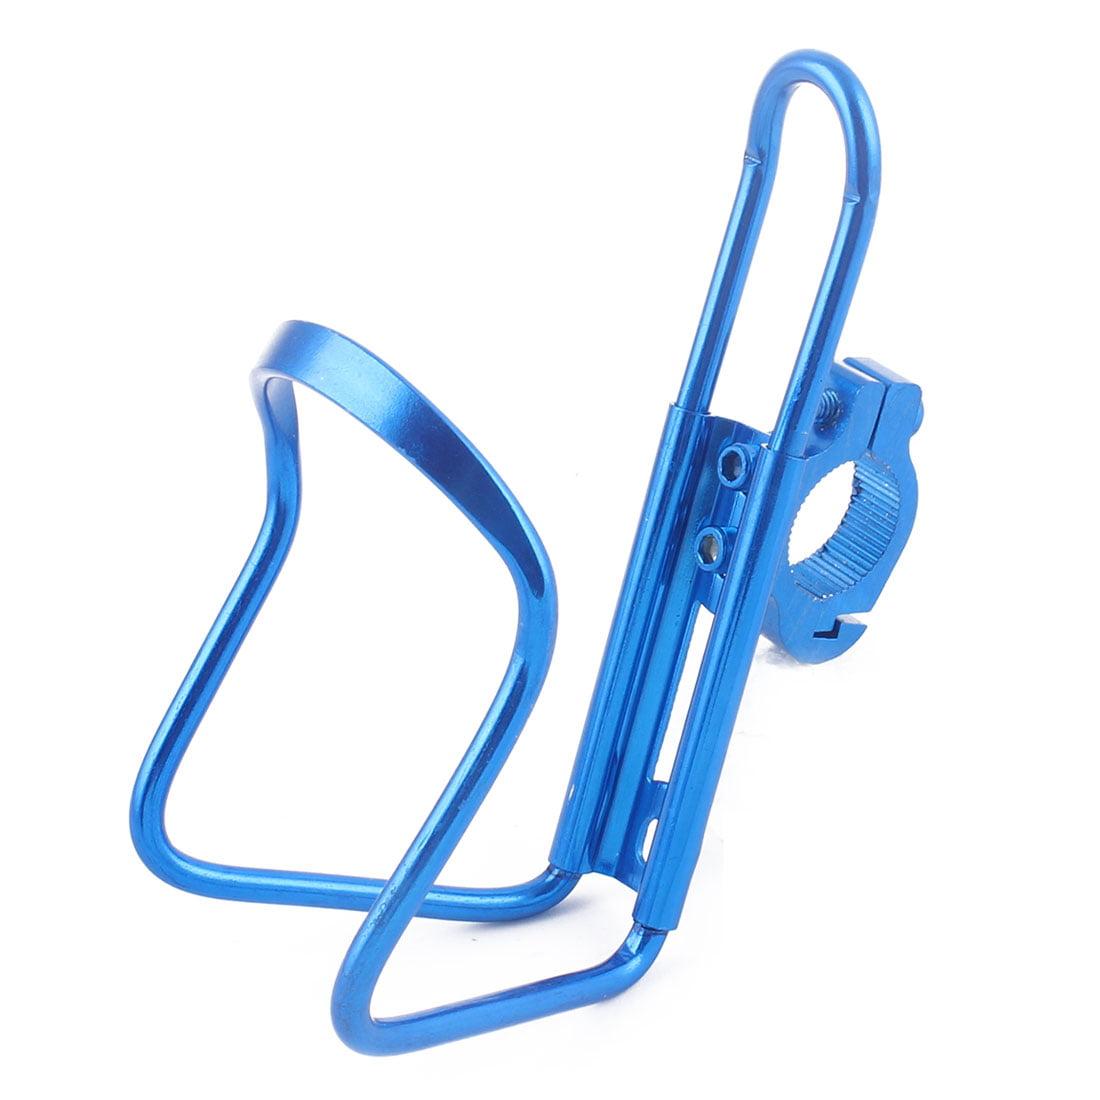 Metal Outdoor Cycle Bike Bicycle Water Bottle Rack Bracket